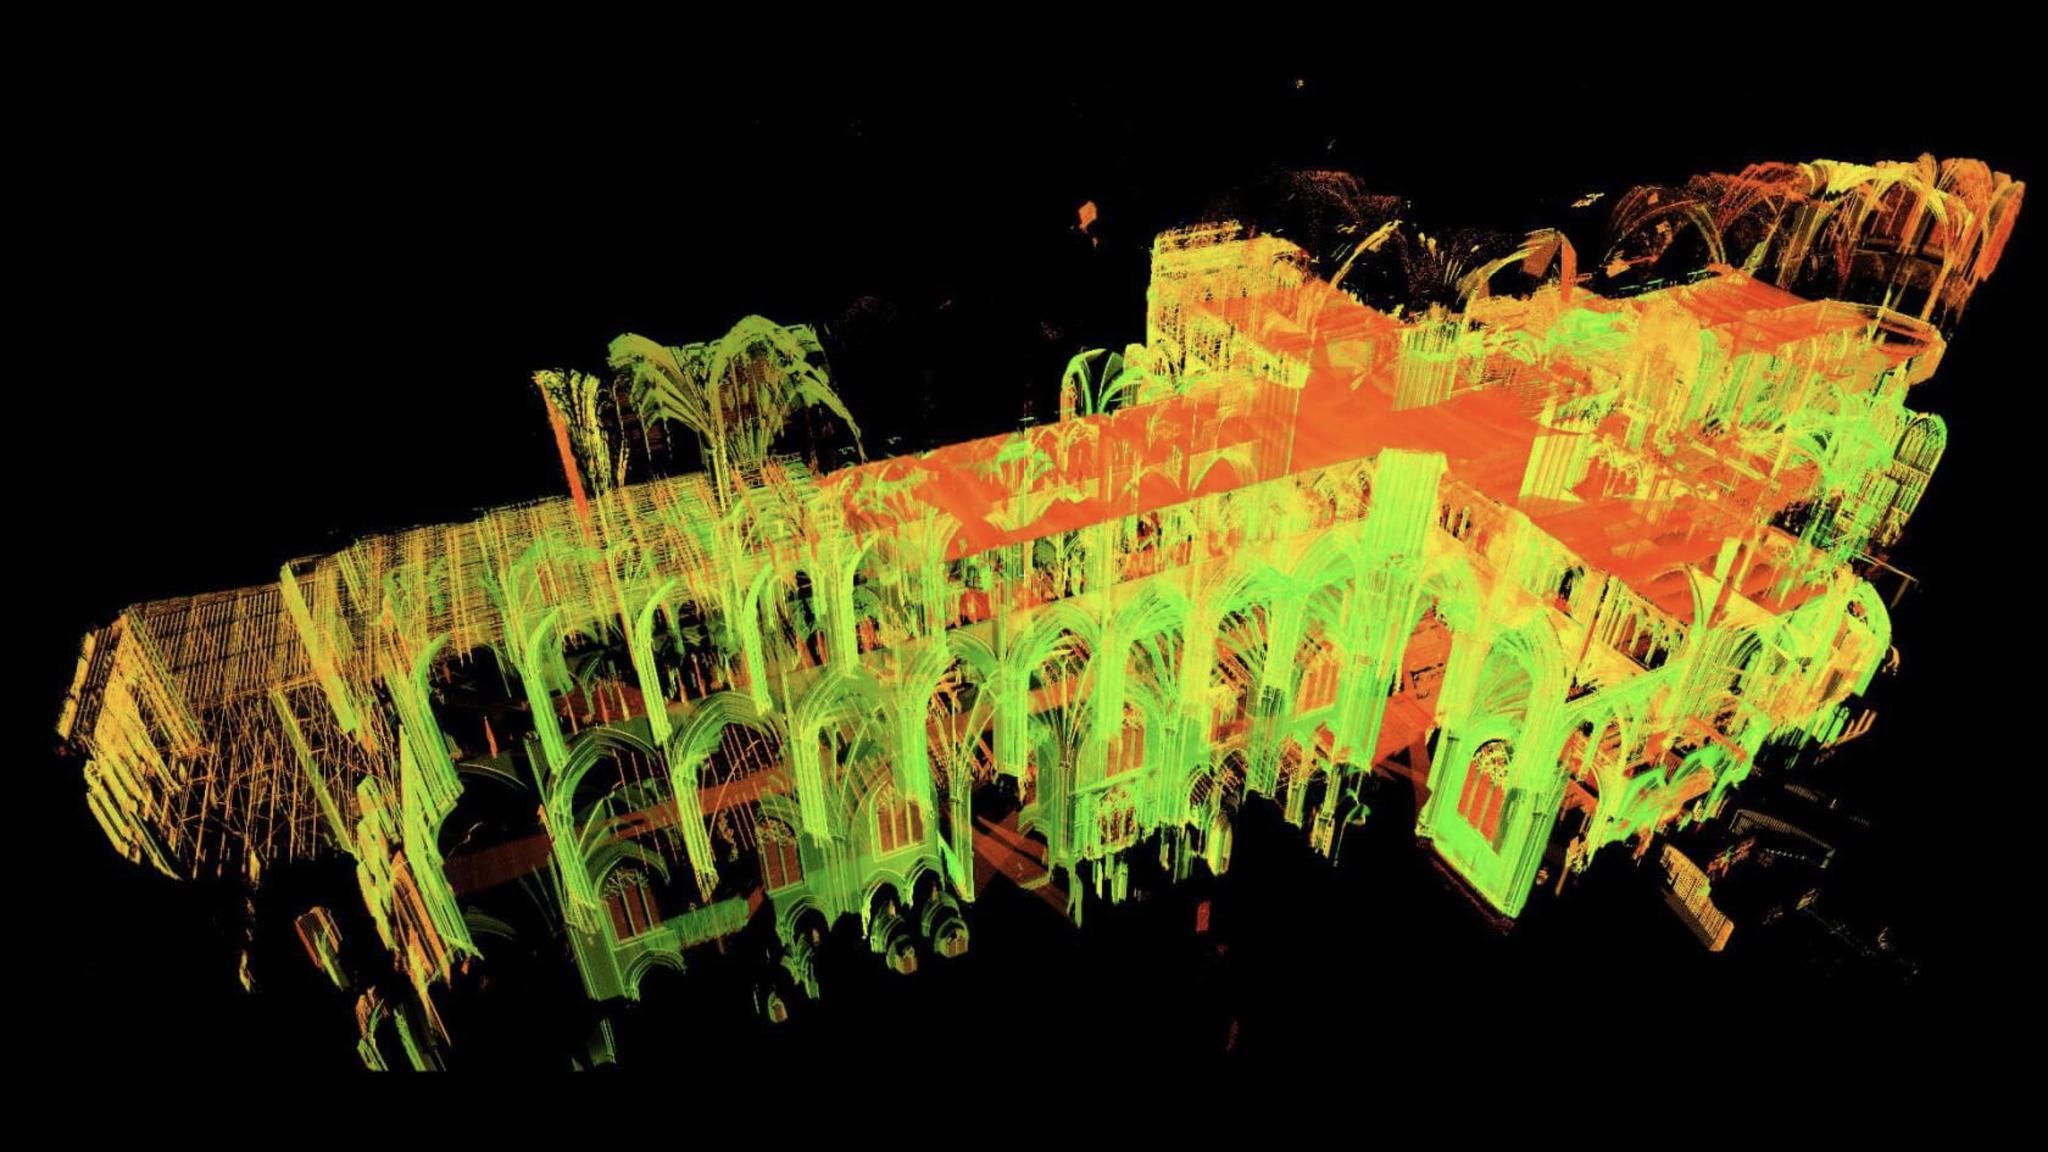 巴黎圣母院激光建模什么情况 巴黎圣母院重建后有什么区别